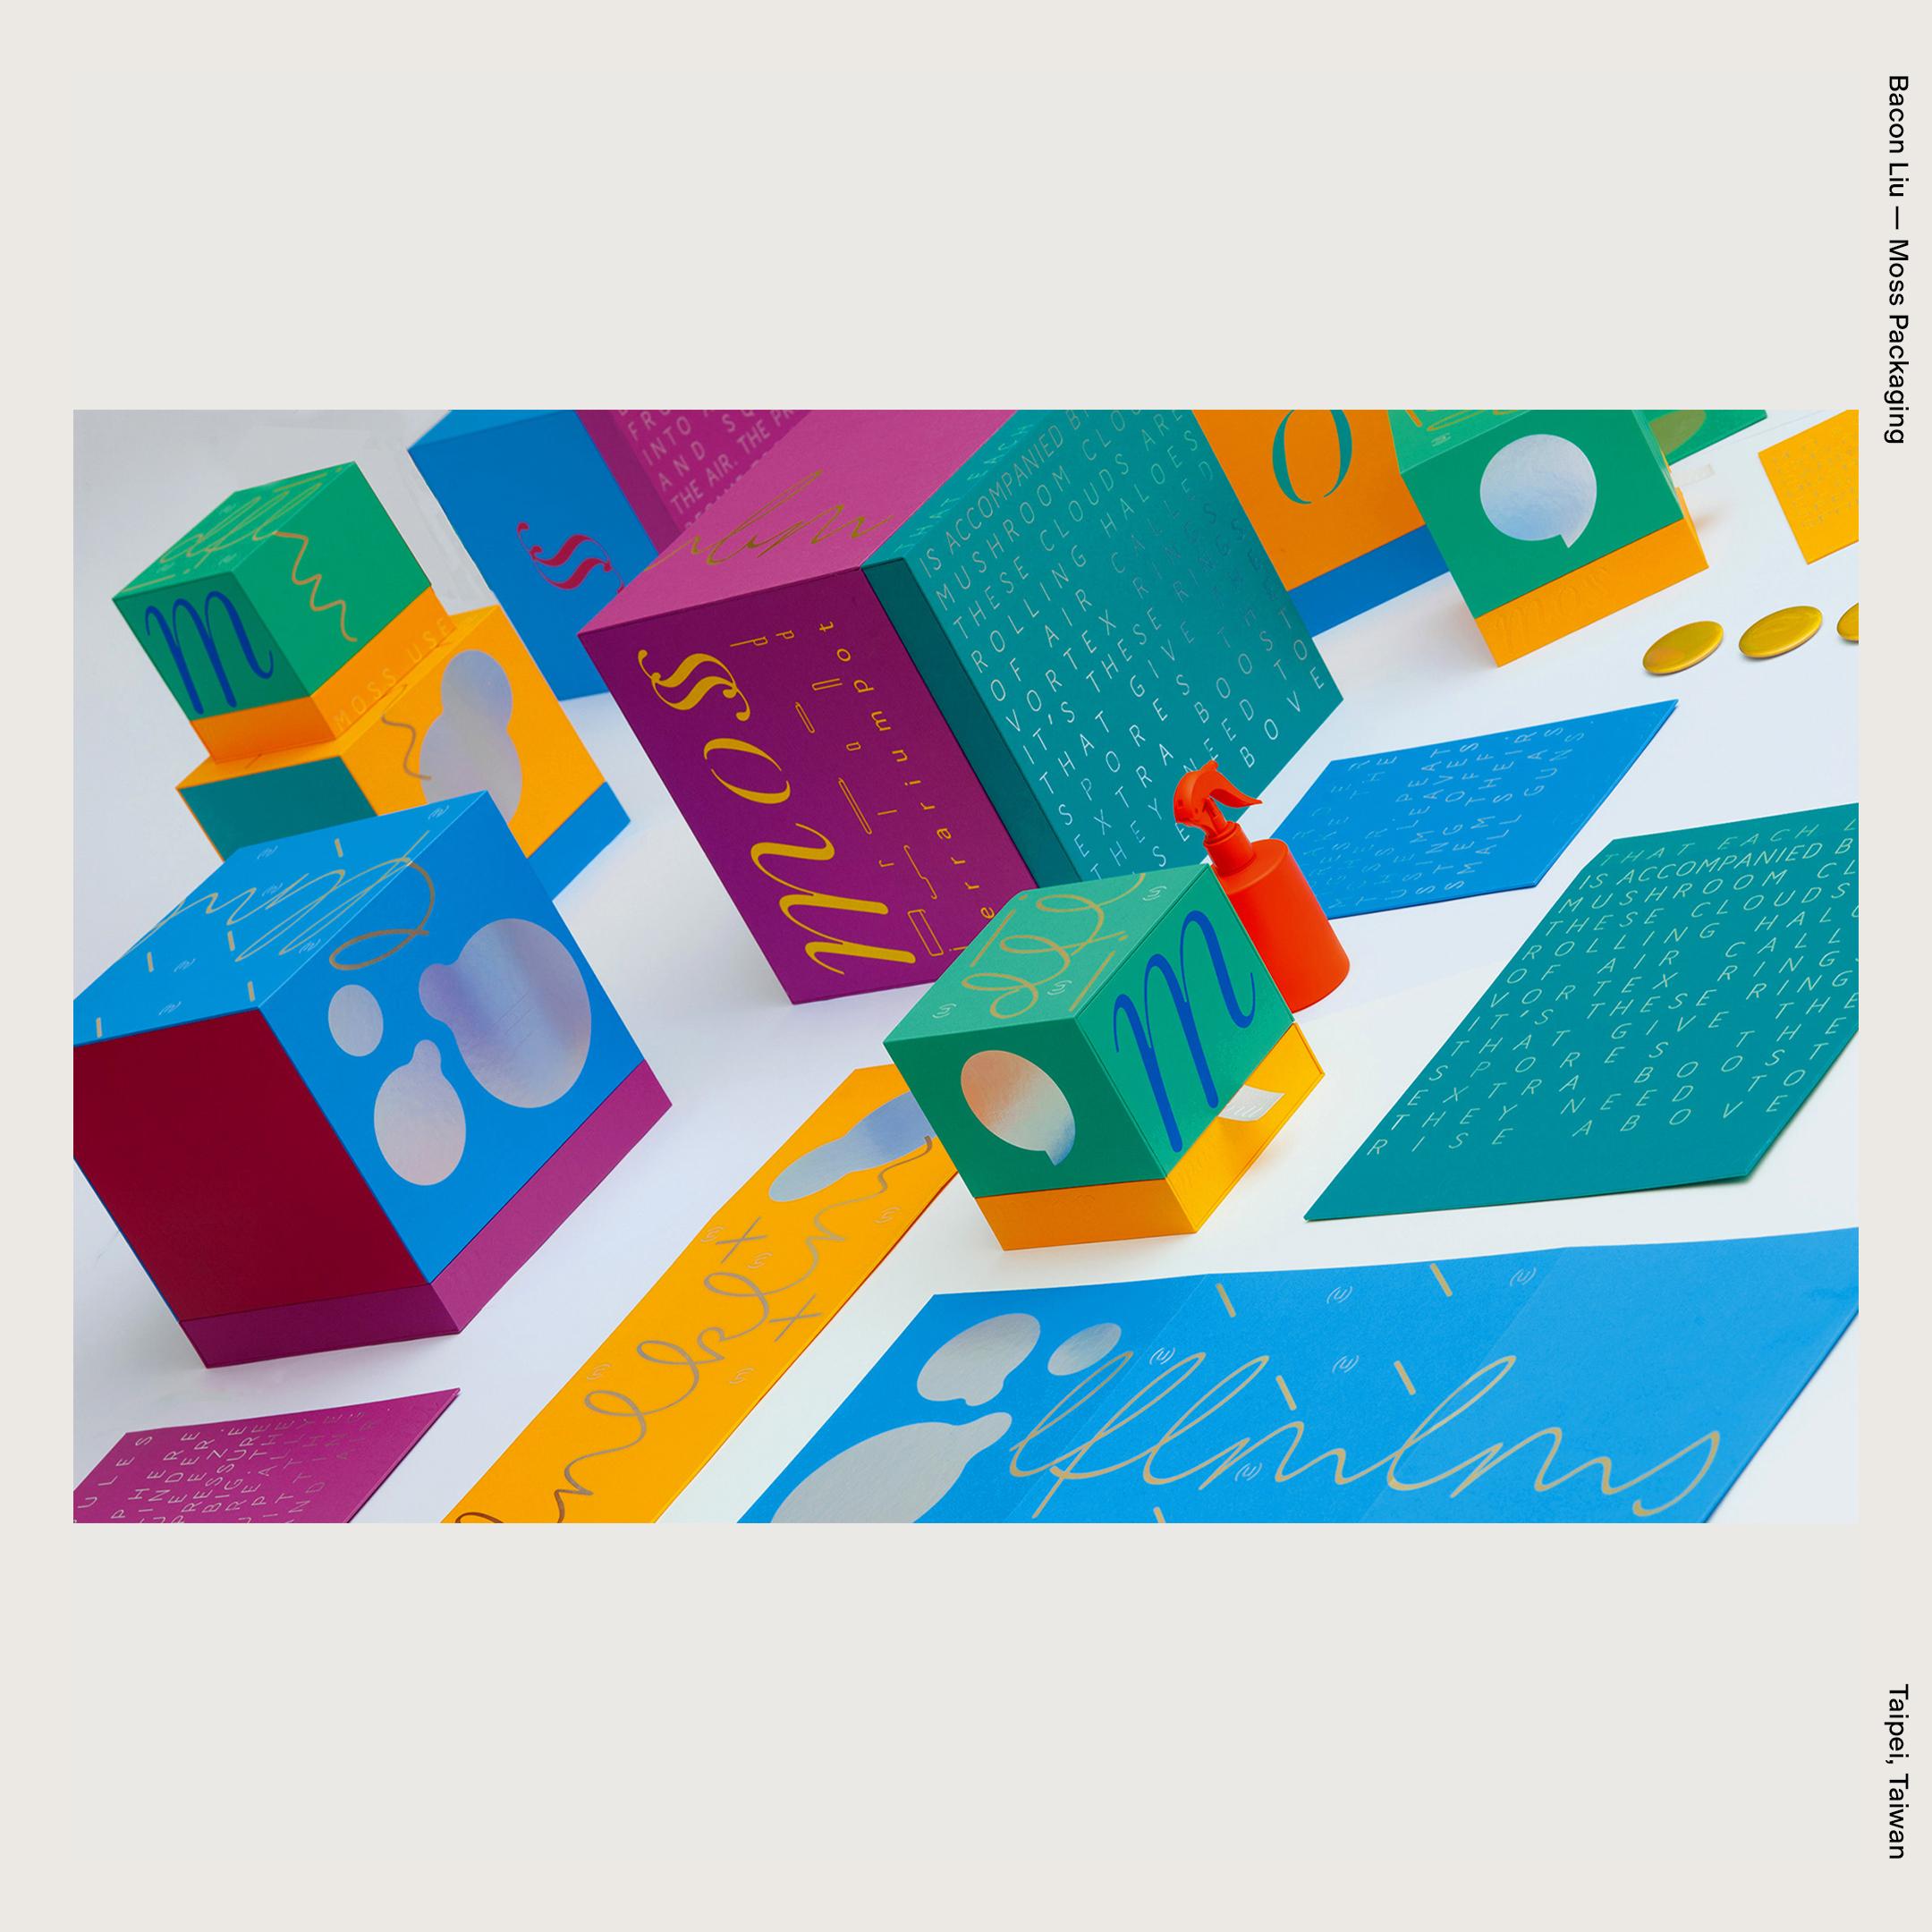 Bacon Liu — Moss Packaging